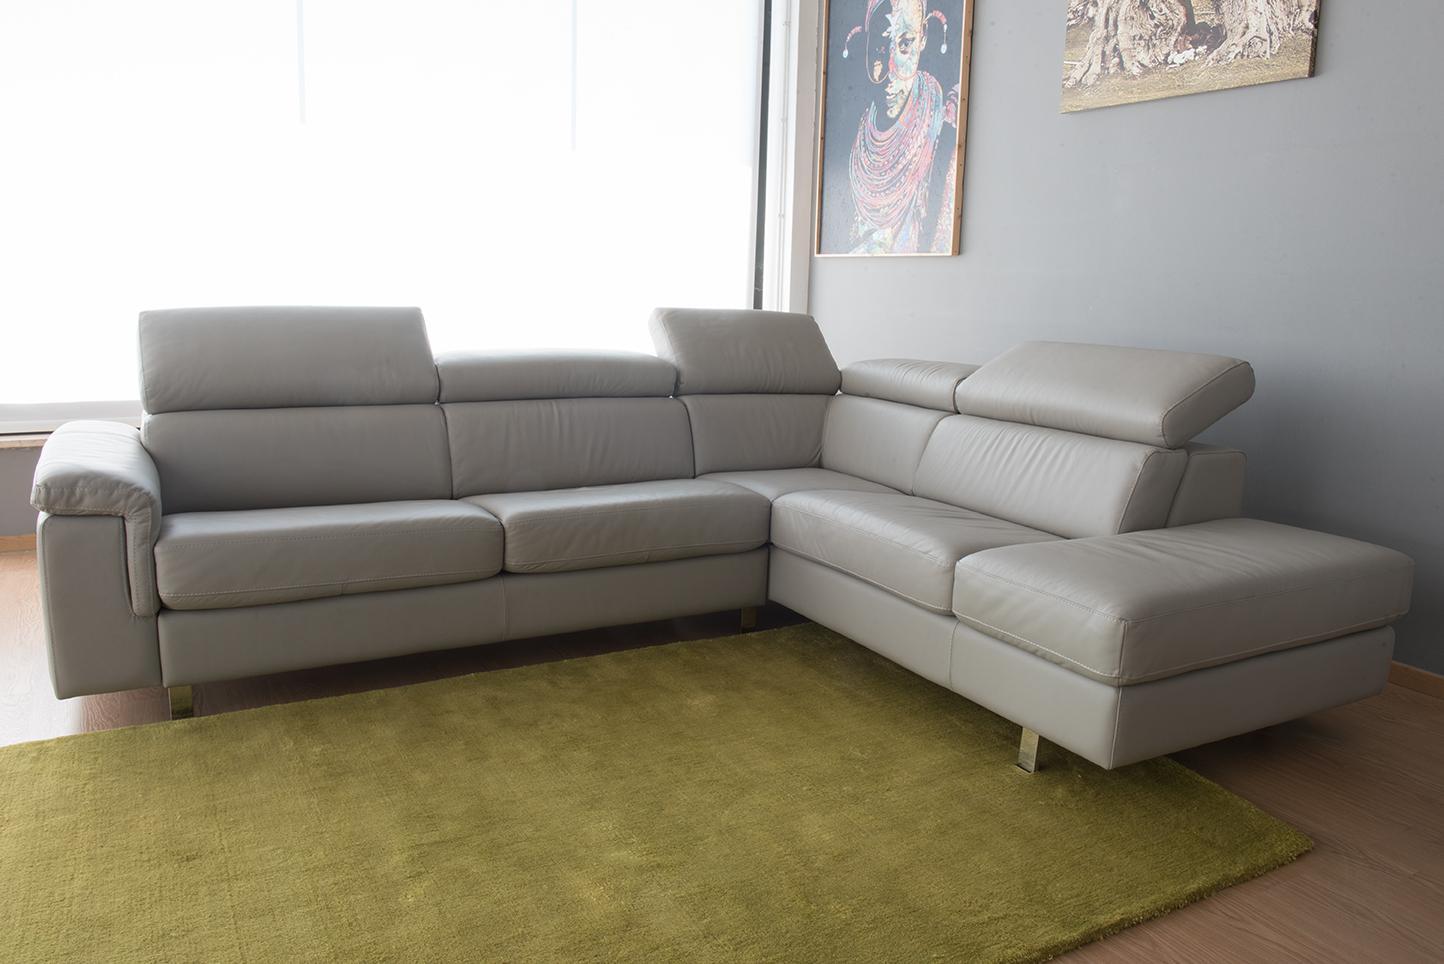 Offerta divano letto angolare in pelle 5 posti poggiatesta for Divano angolare